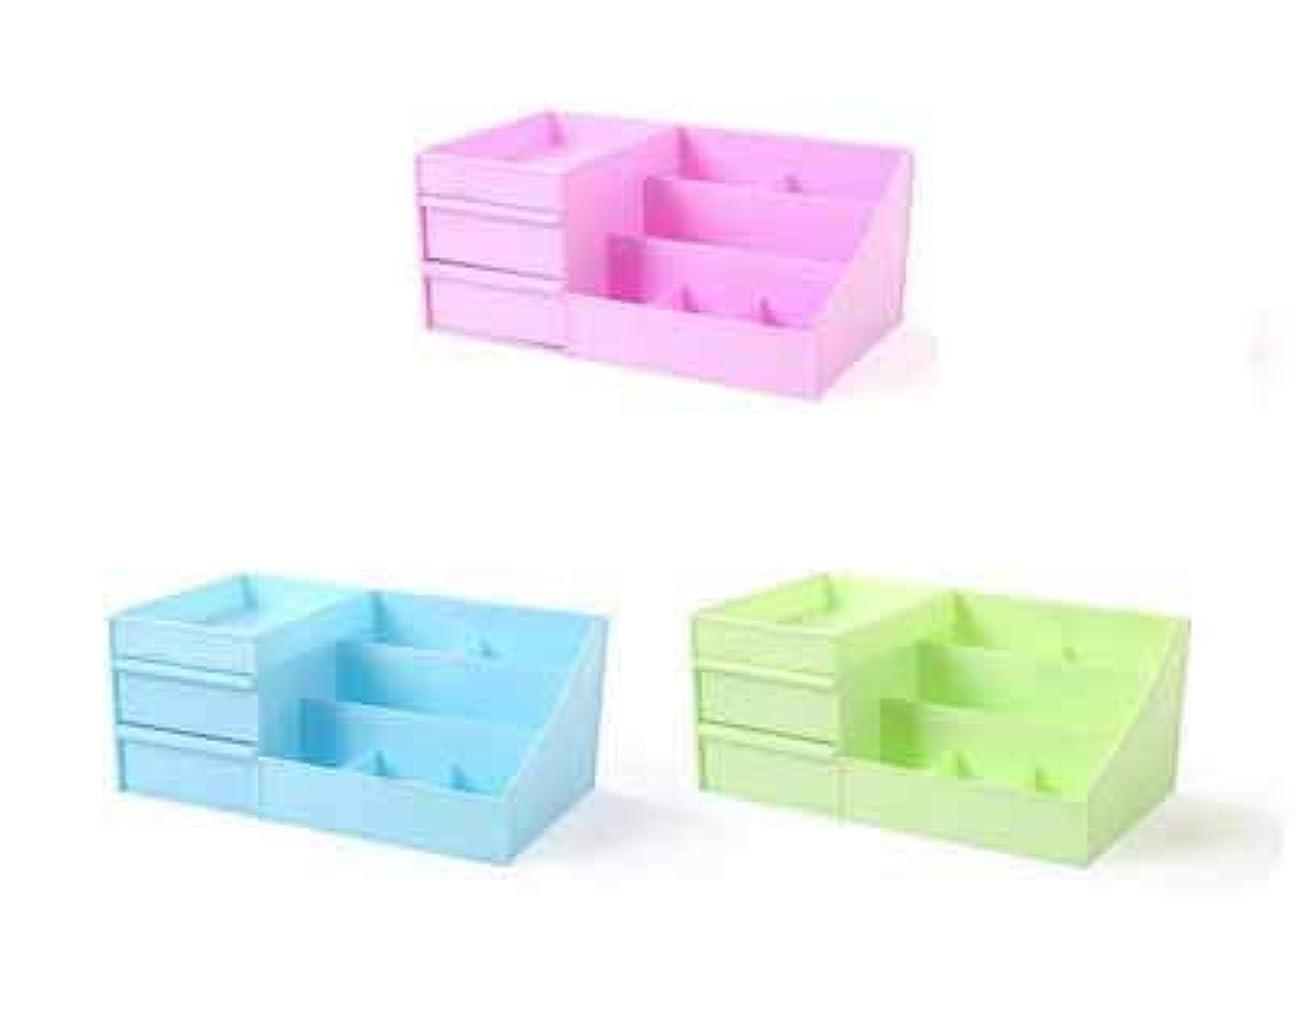 くちばし頂点鳩化粧品収納ボックスプラスチックの創造的な家庭用品デスクトップの破片の宝石箱大きな引き出し (Color : グリンー)